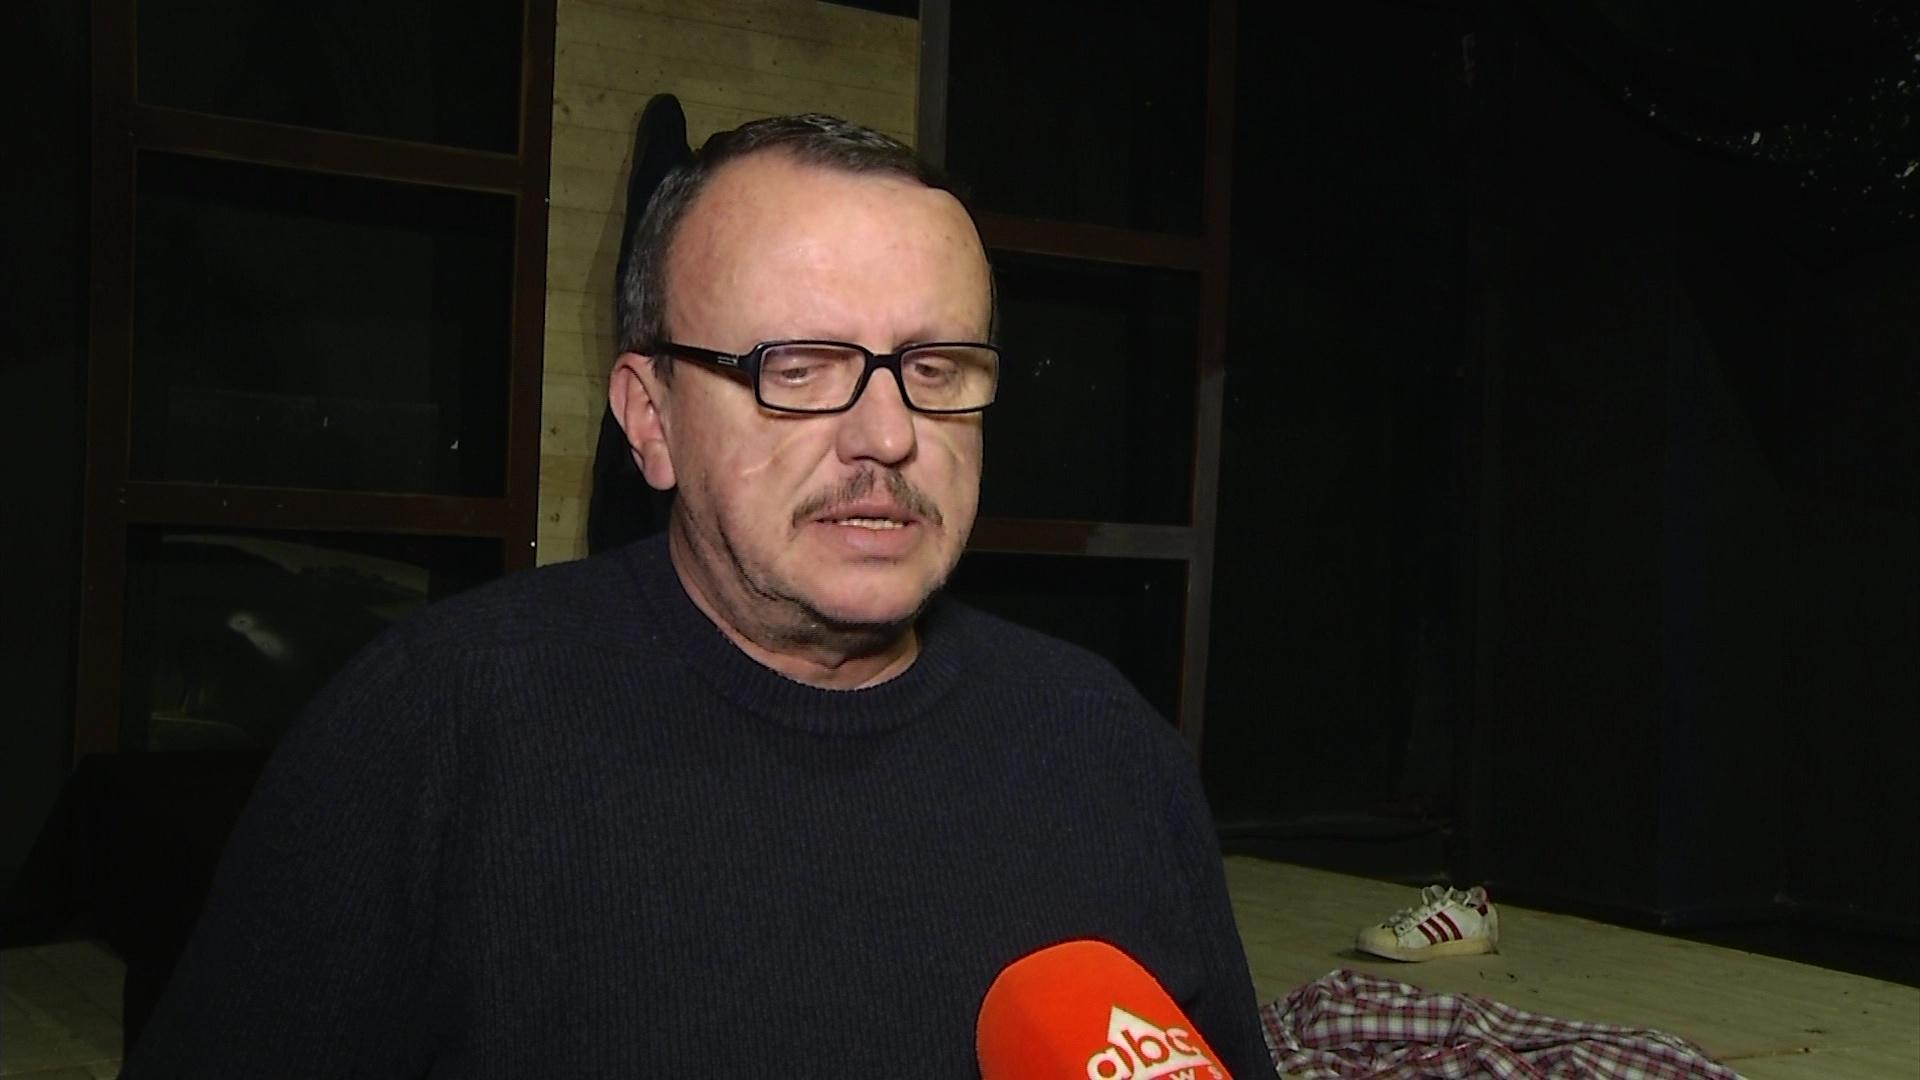 """Komedia urbane e Stefan Çapalikut, """"Ëngjëlli në katin e 11"""""""